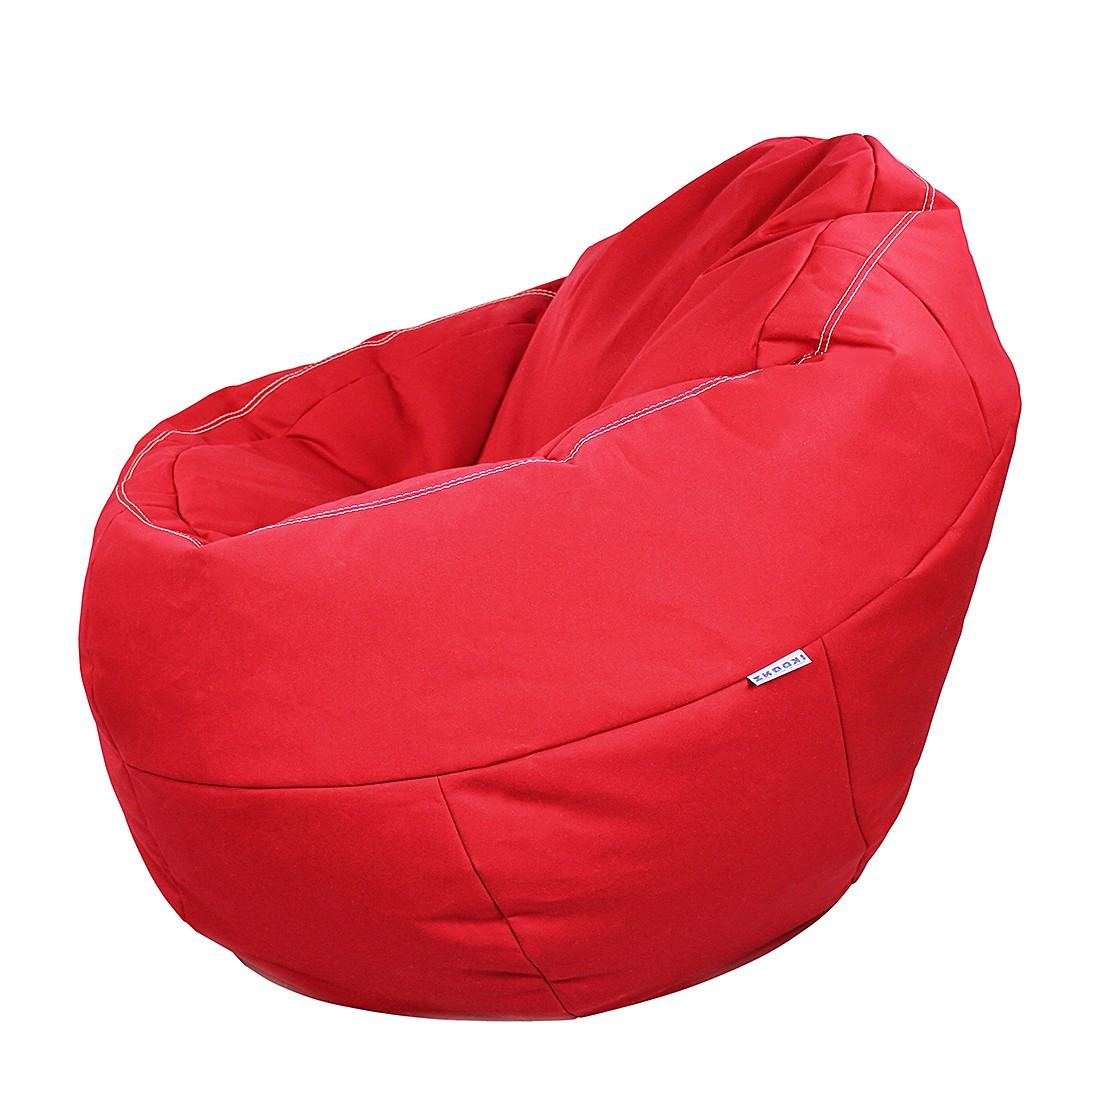 Sitzsack E.G. – Rot, Ikoonz online bestellen